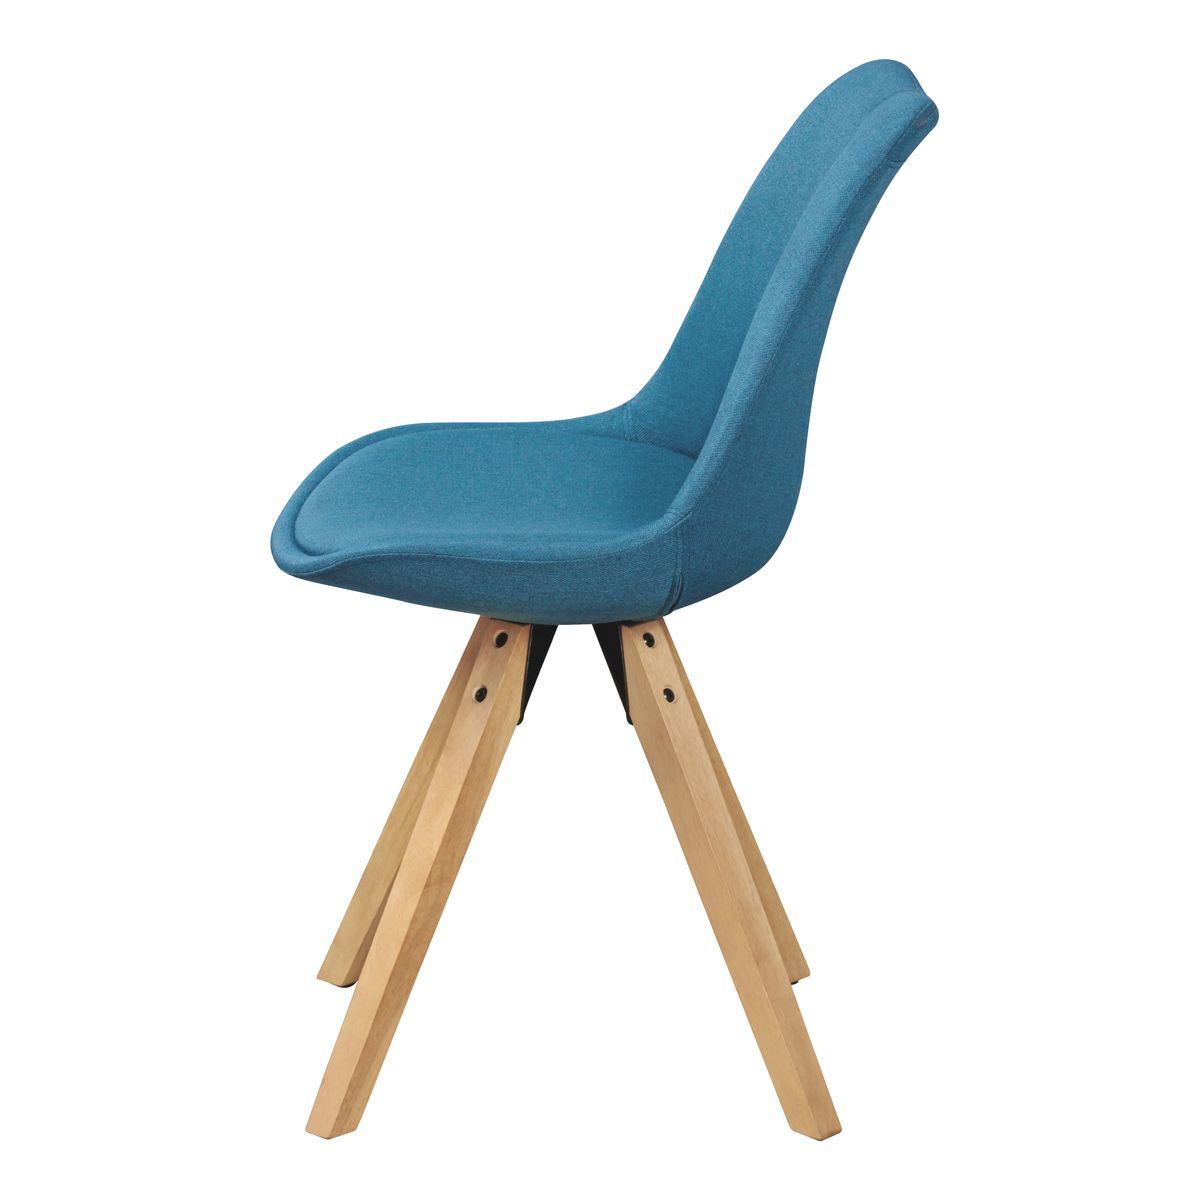 Finebuy 2er set retro esszimmerstuhl polsterstuhl stoff bezug r ckenlehne design k chen stuhl - Retro esszimmerstuhl ...